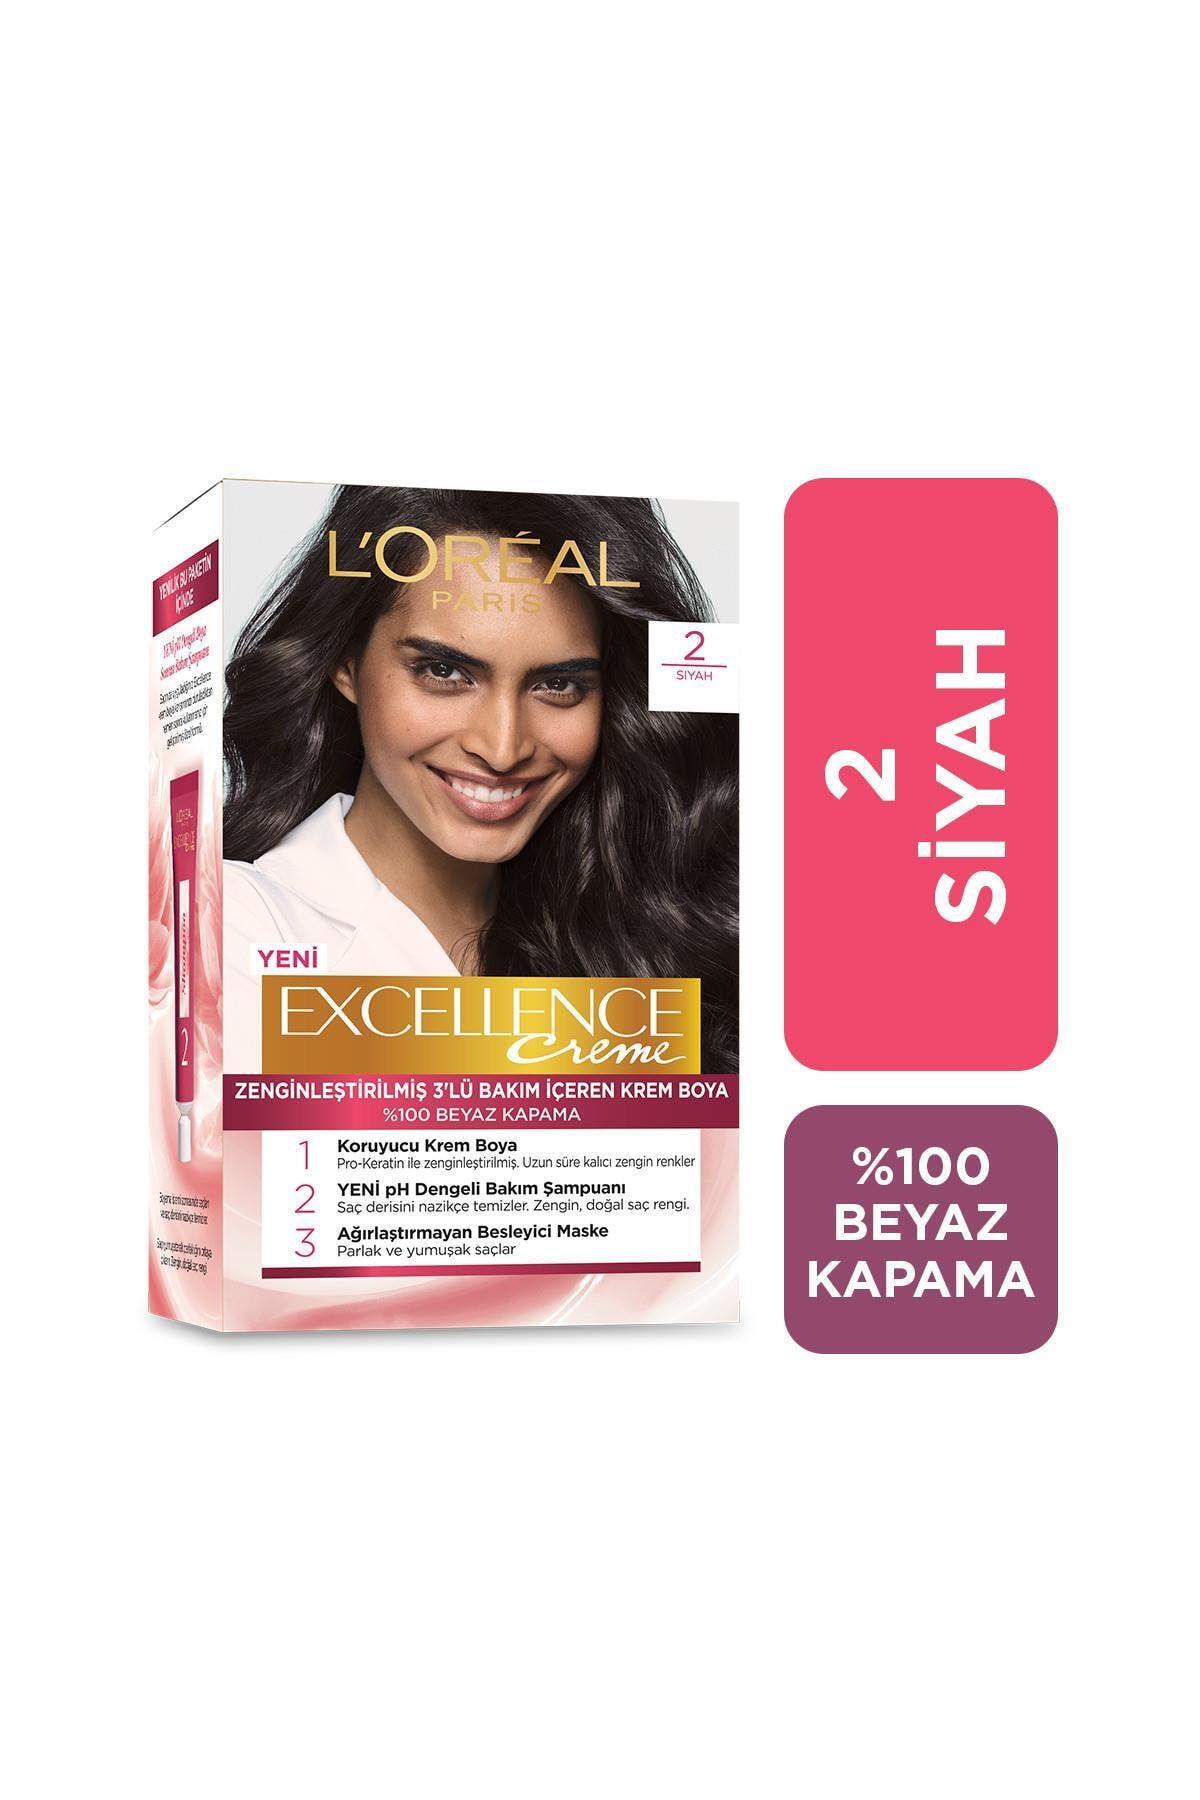 L'Oreal Paris Saç Boyası - Excellence Creme 2 Siyah 3600523425785 0